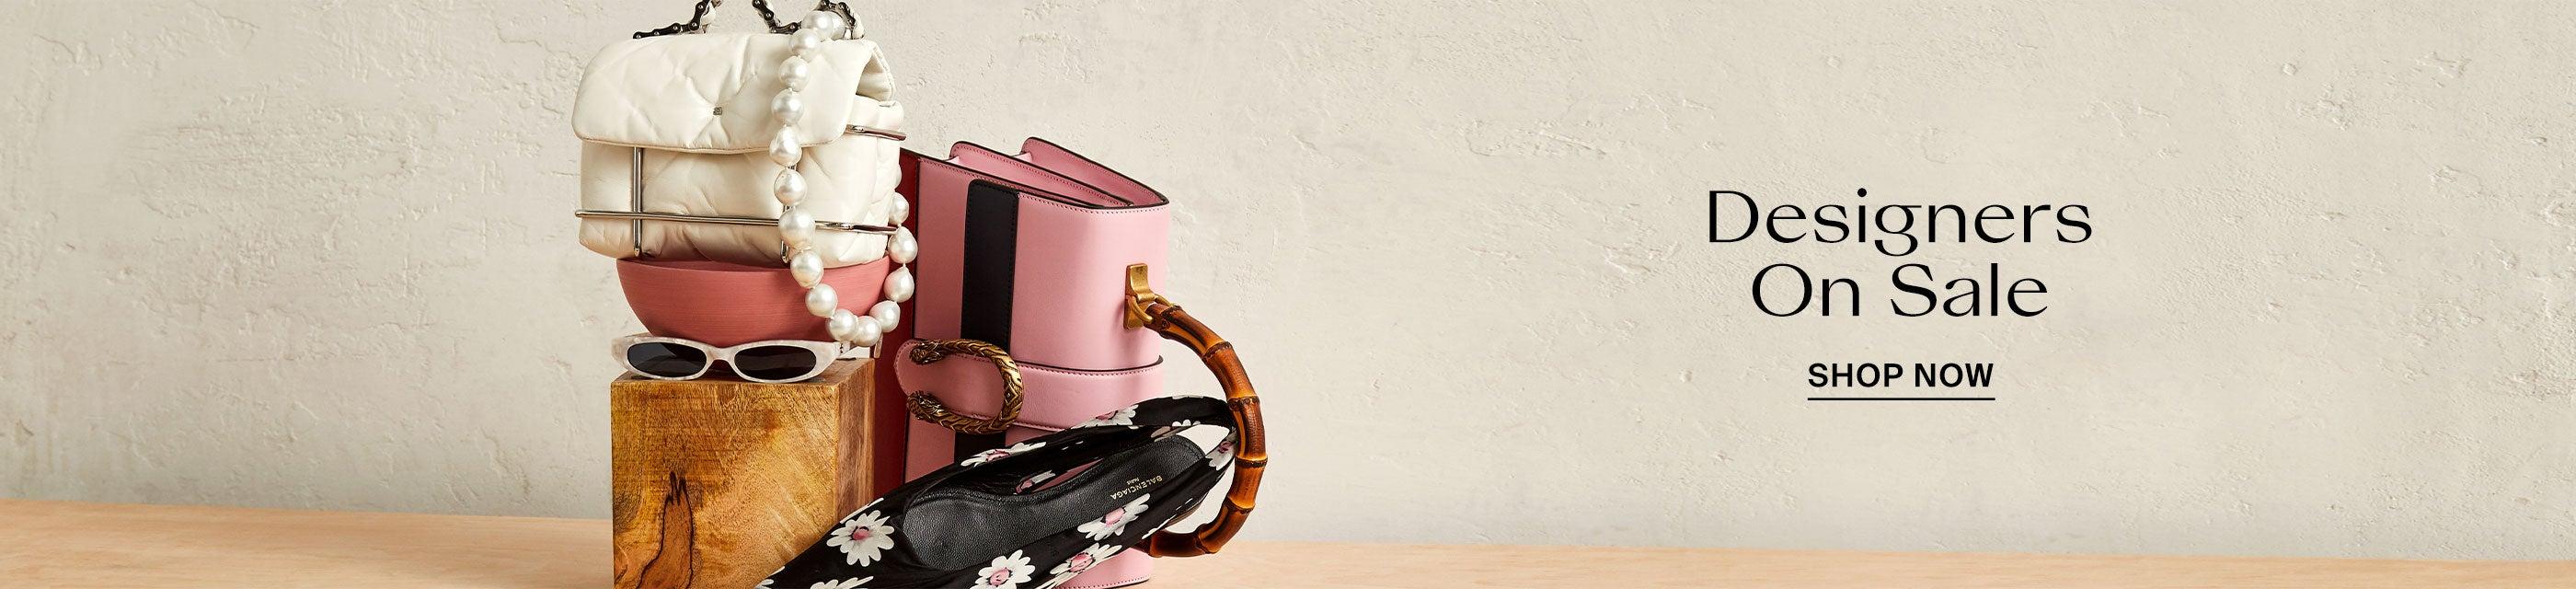 10e09e6390c Luxury consignment sales. Shop for pre-owned designer handbags ...